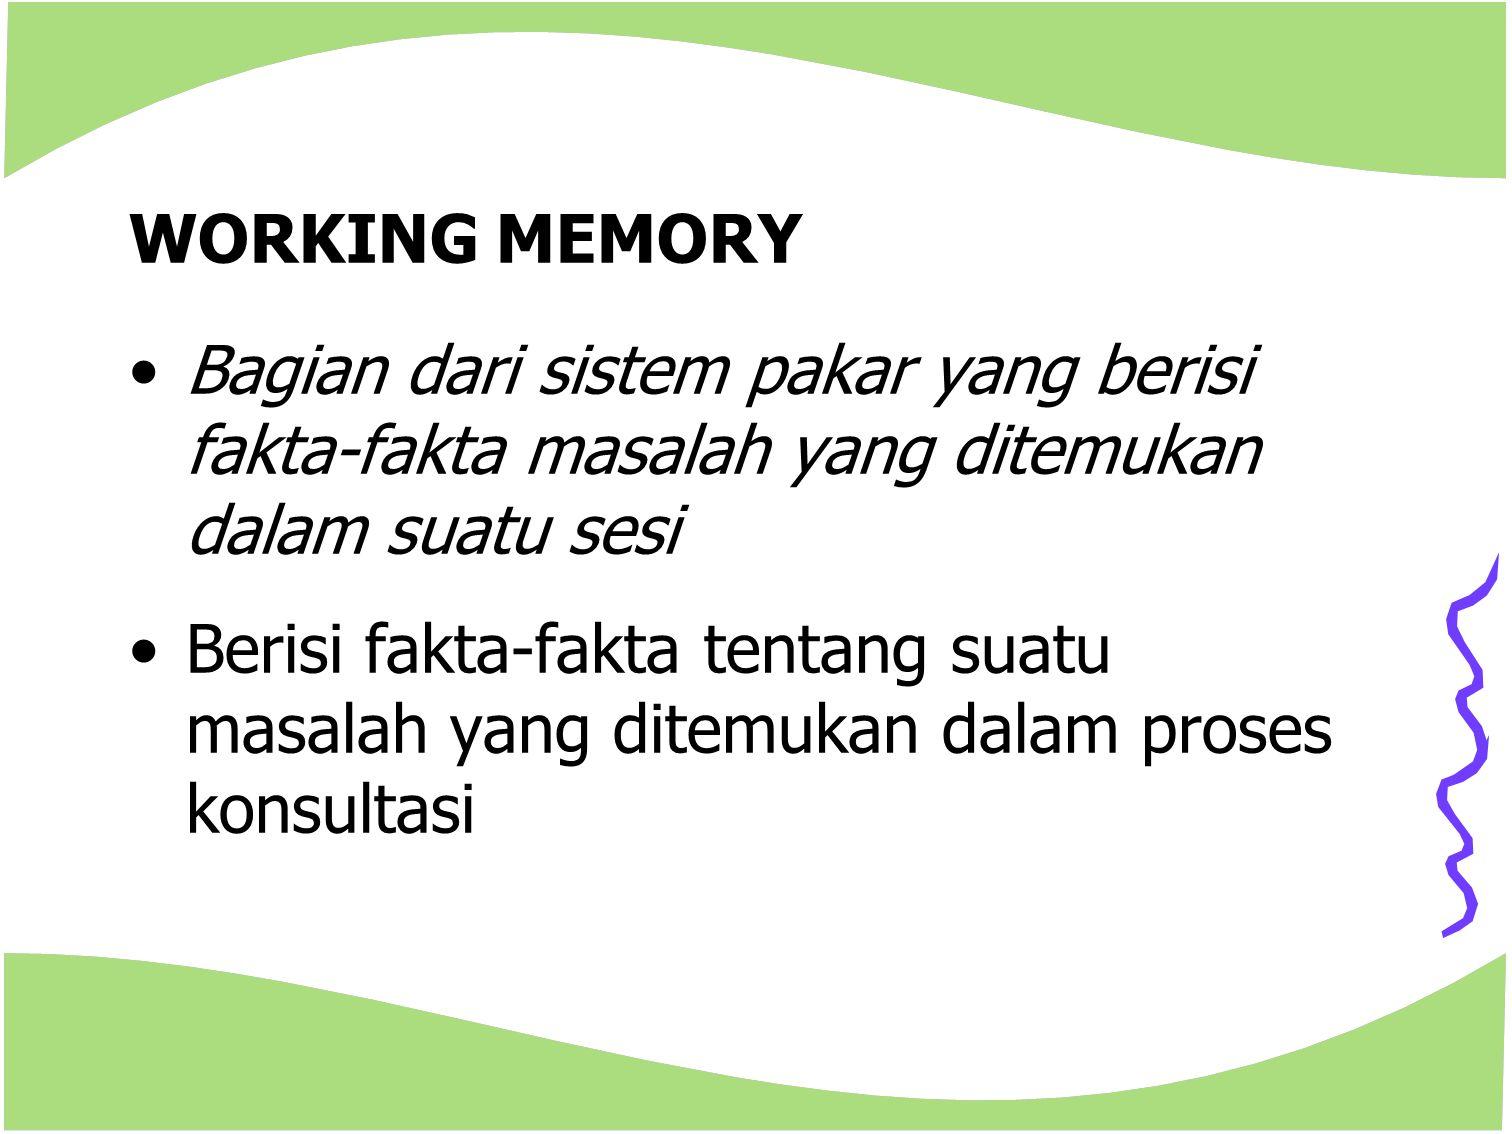 WORKING MEMORY Bagian dari sistem pakar yang berisi fakta-fakta masalah yang ditemukan dalam suatu sesi Berisi fakta-fakta tentang suatu masalah yang